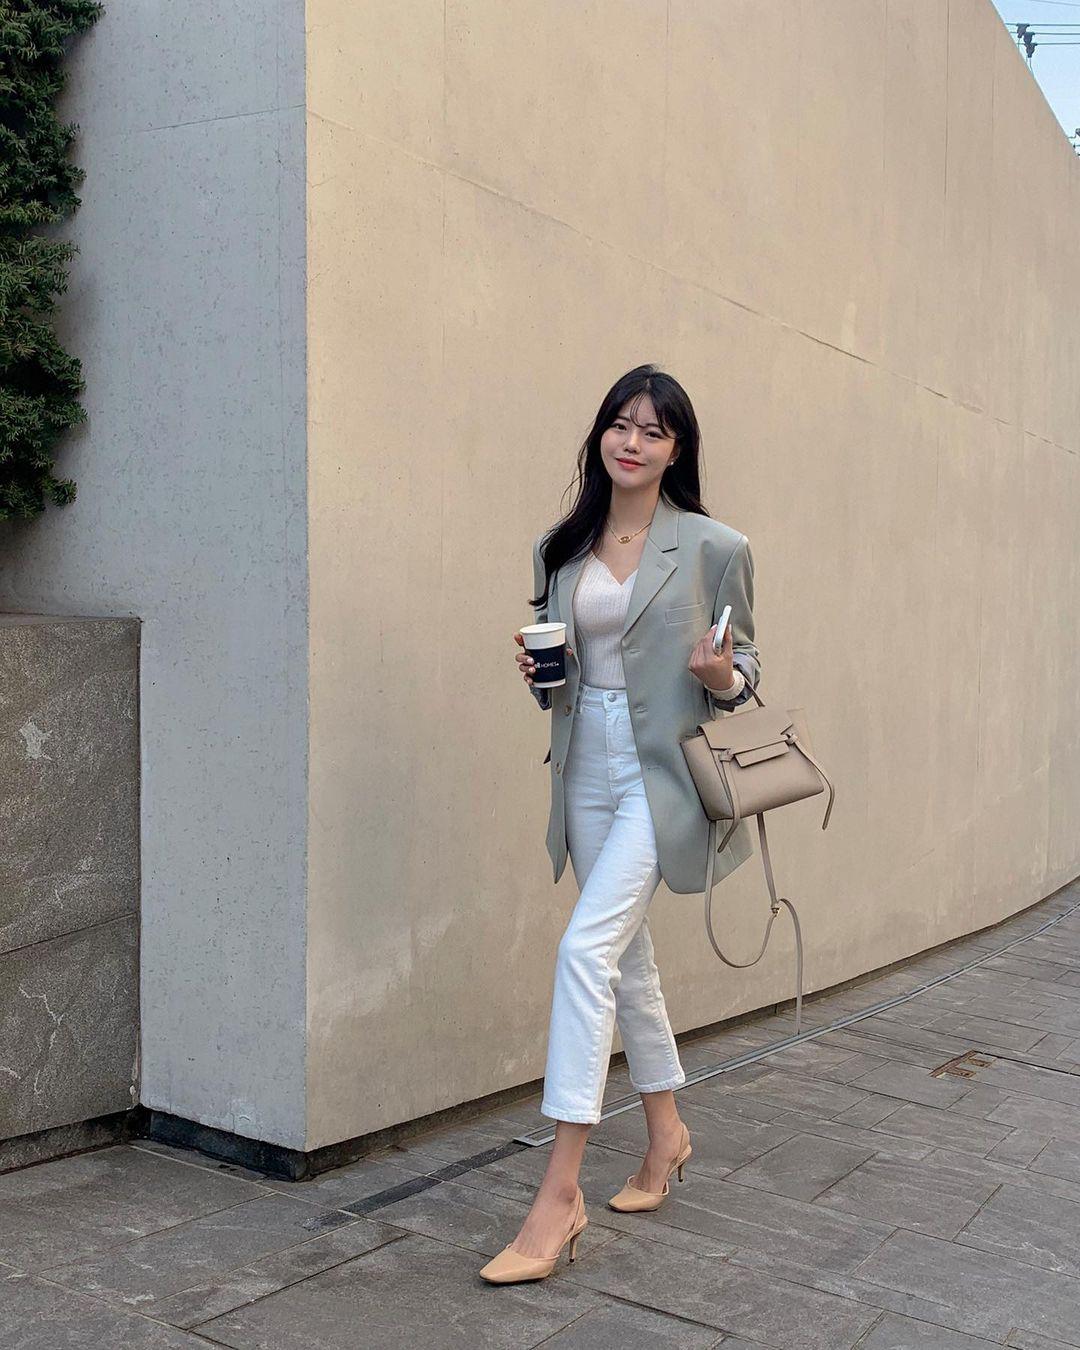 """Học nàng blogger Hàn cách diện jeans """"đỉnh của chóp"""": Vừa hack dáng vừa thanh lịch để diện đến sở làm - Ảnh 8."""